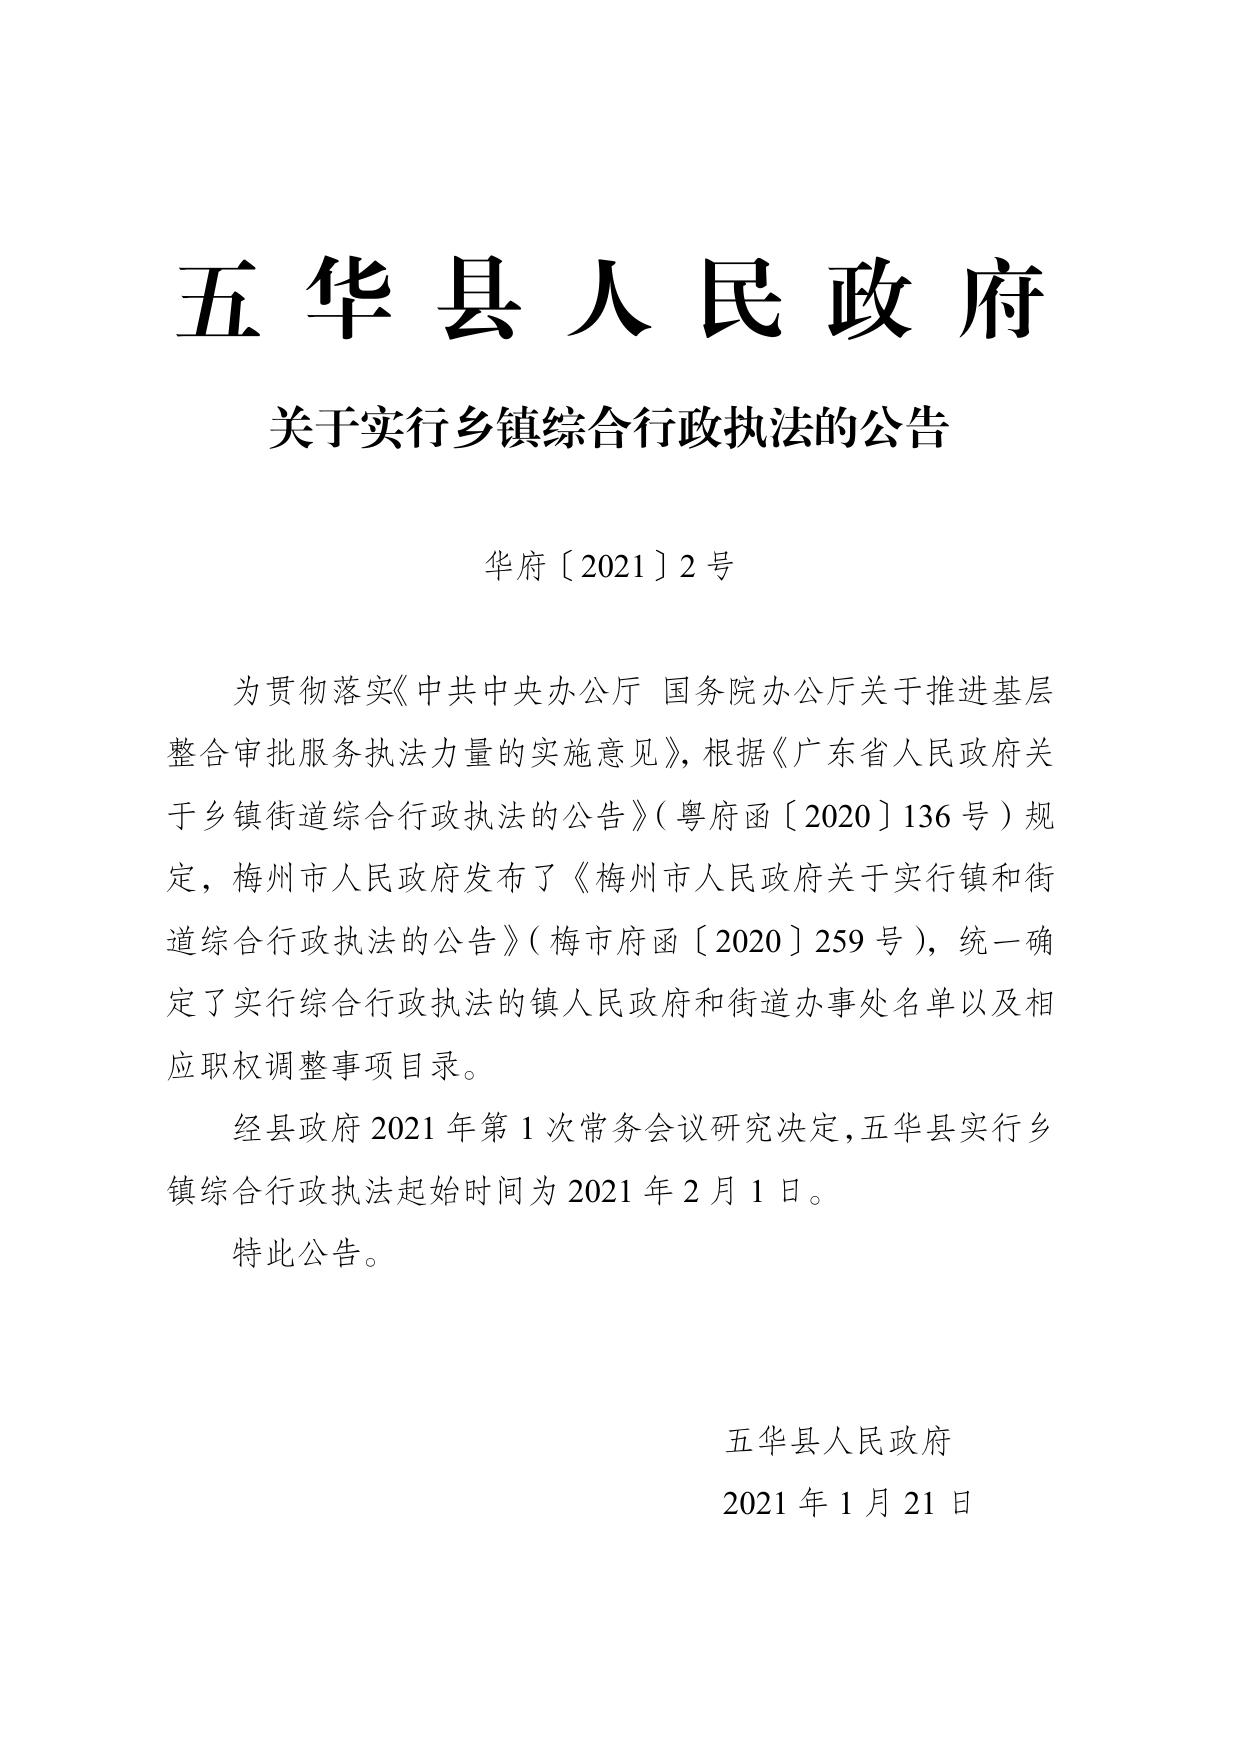 2号五华县人民政府关于实行乡镇综合行政执法的公告(2)0000.jpg